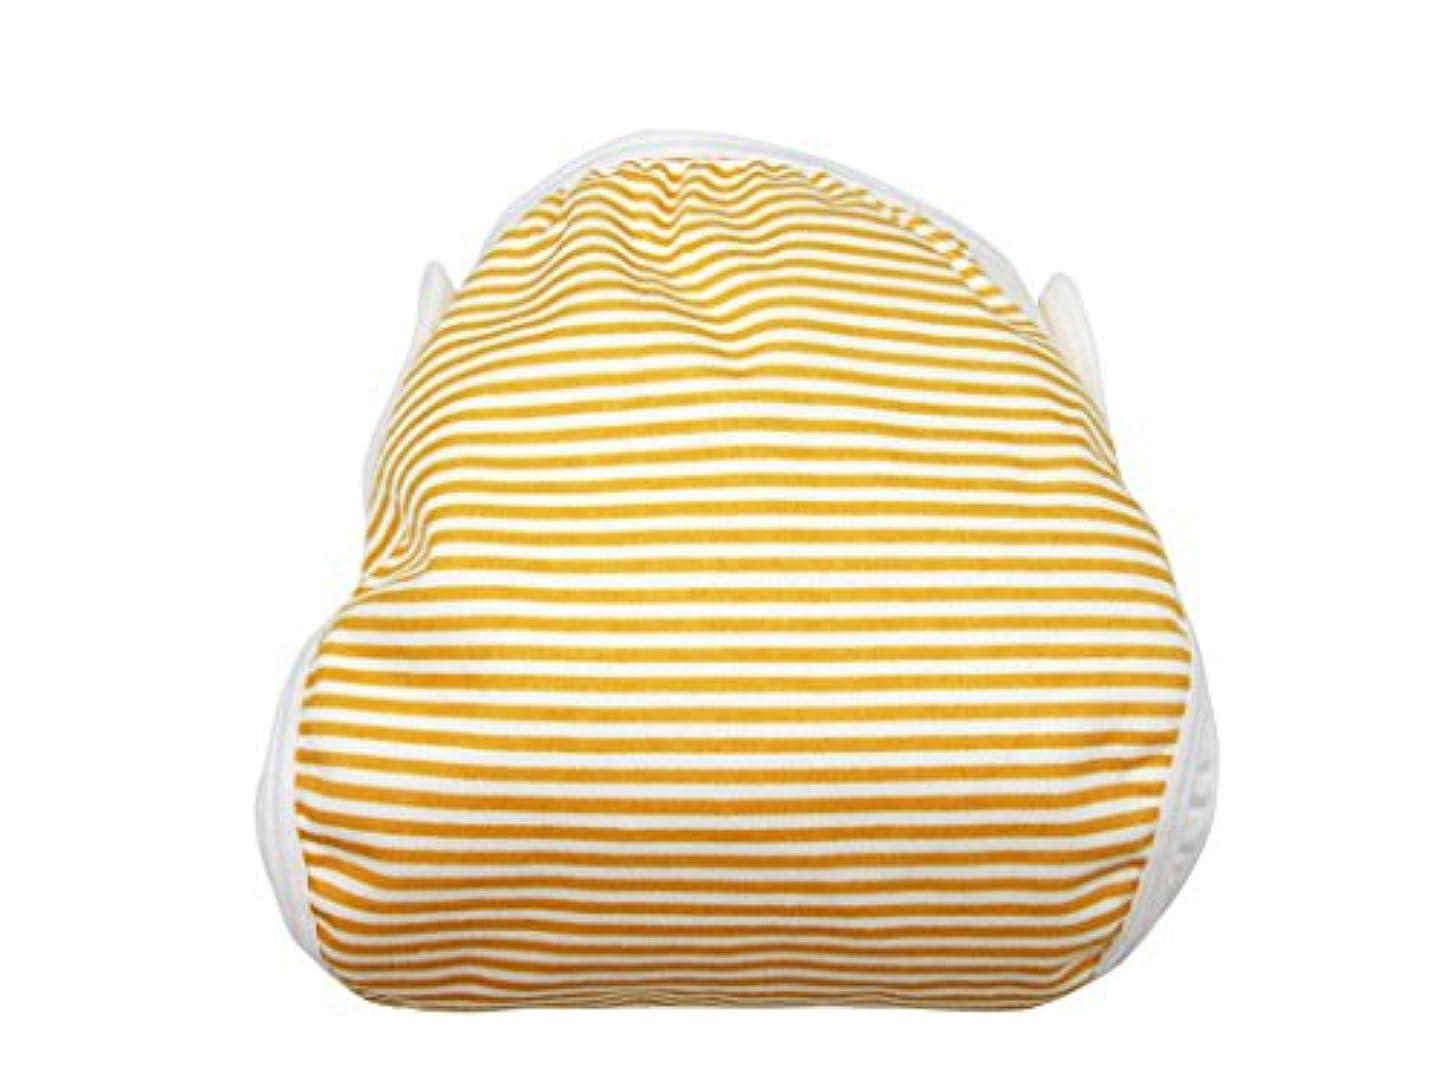 海上与える織機綿おむつカバー ボーダー柄 80cm オレンジ